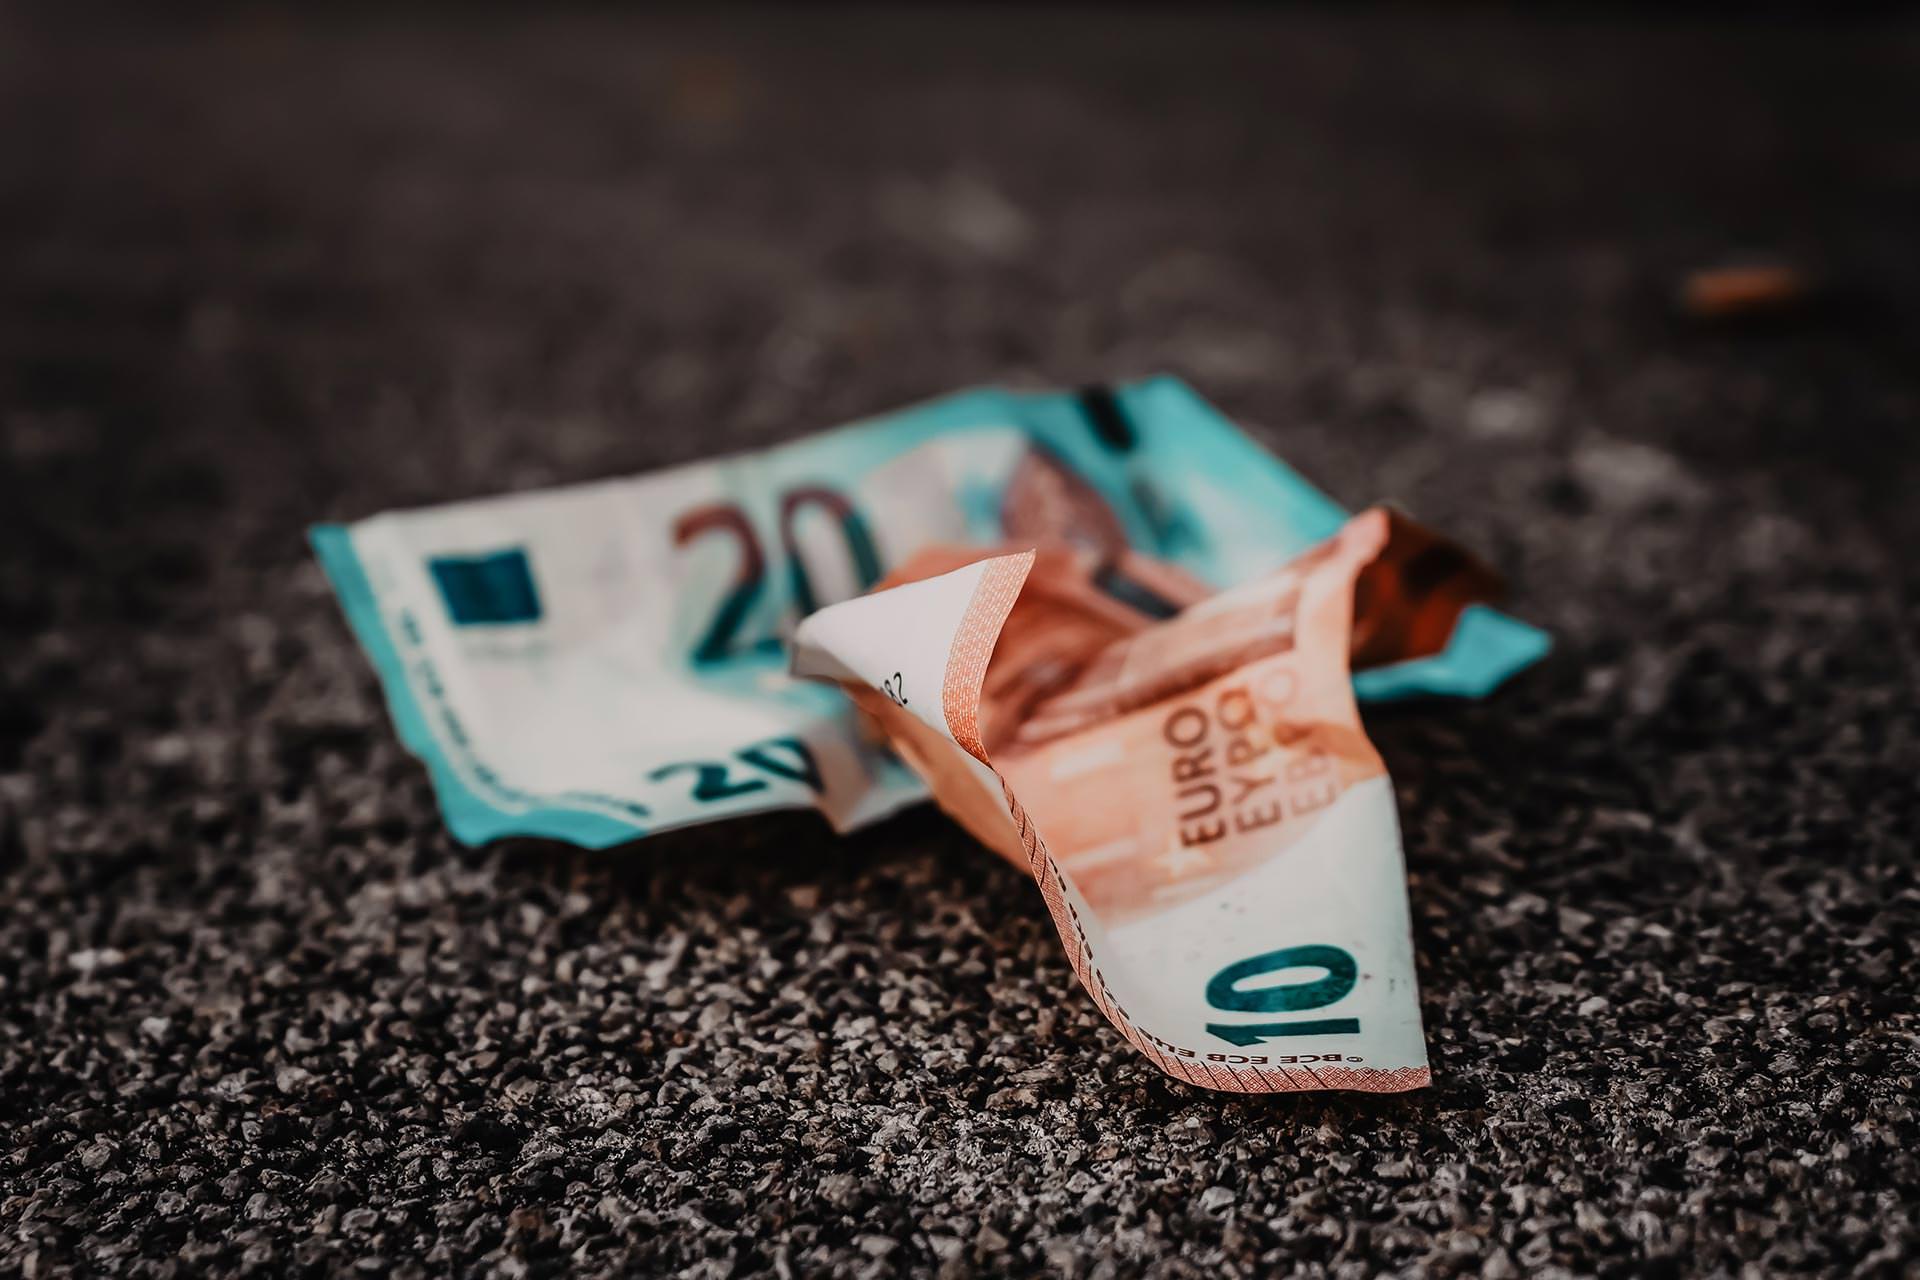 enthält unbeauftragte Werbung. geld sparen im alltag,sparsam im alltag,kosten im alltag sparen,kosten im alltag senken,welche kosten fallen im alltag an,Haushaltsrechnung vorlage,Haushaltsrechnung erstellen,wie kann ich im alltag sparen,wie kann ich geld sparen,Geld sparen tipps,geld sparen haushalt,Haushaltsplan erstellen, Karriere Blog, www.whoismocca.com #geld #sparsam #checkliste #haushaltsrechnung #anleitung #geldsparen